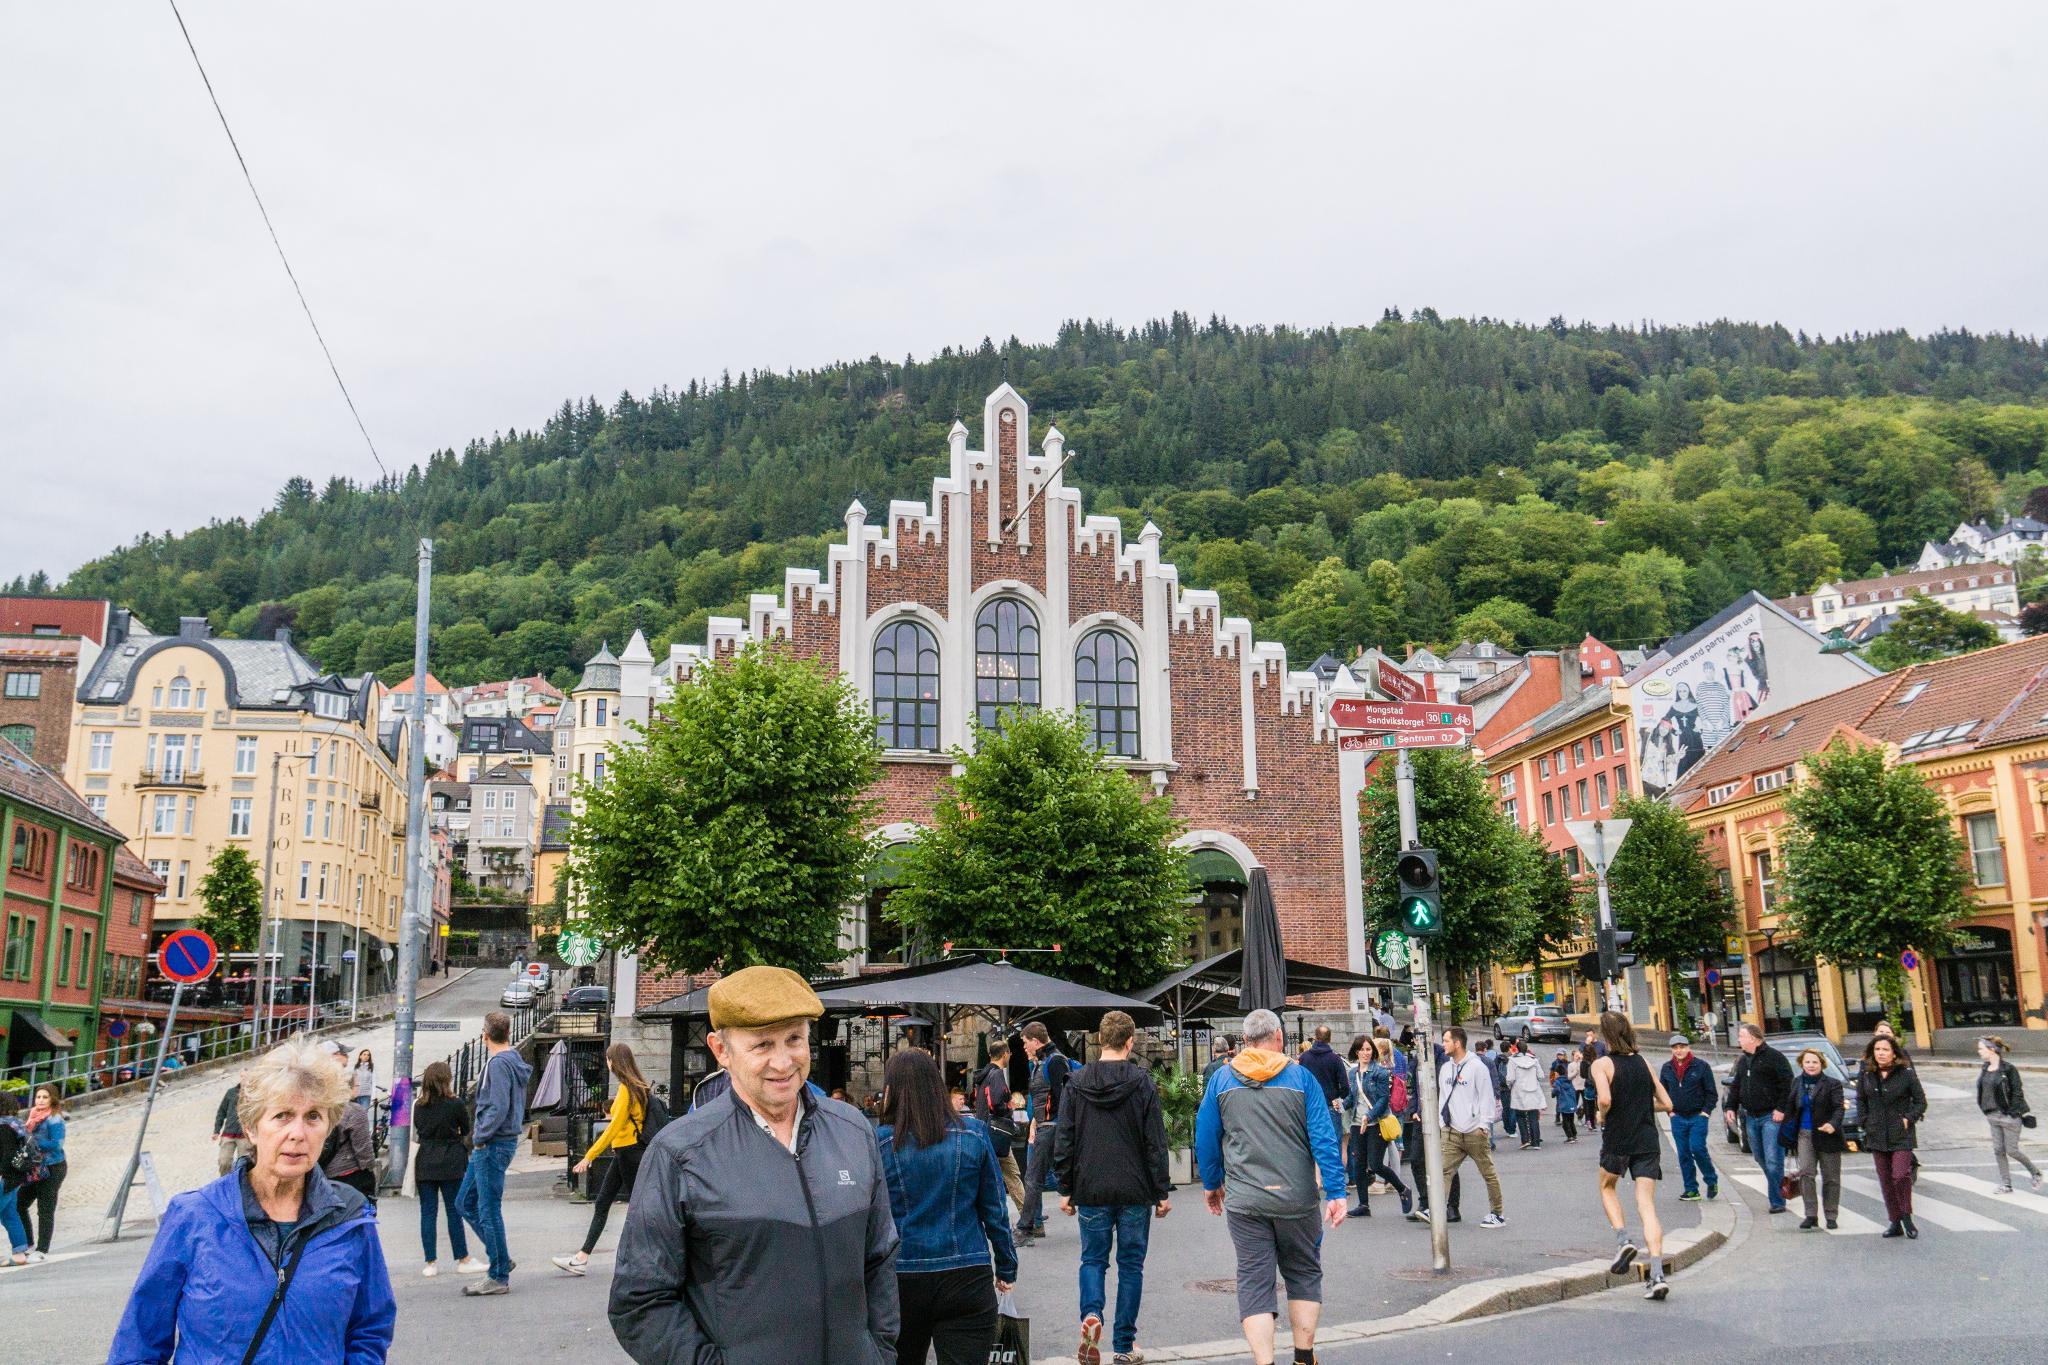 【卑爾根】童話北歐!卑爾根自由行景點全攻略 143